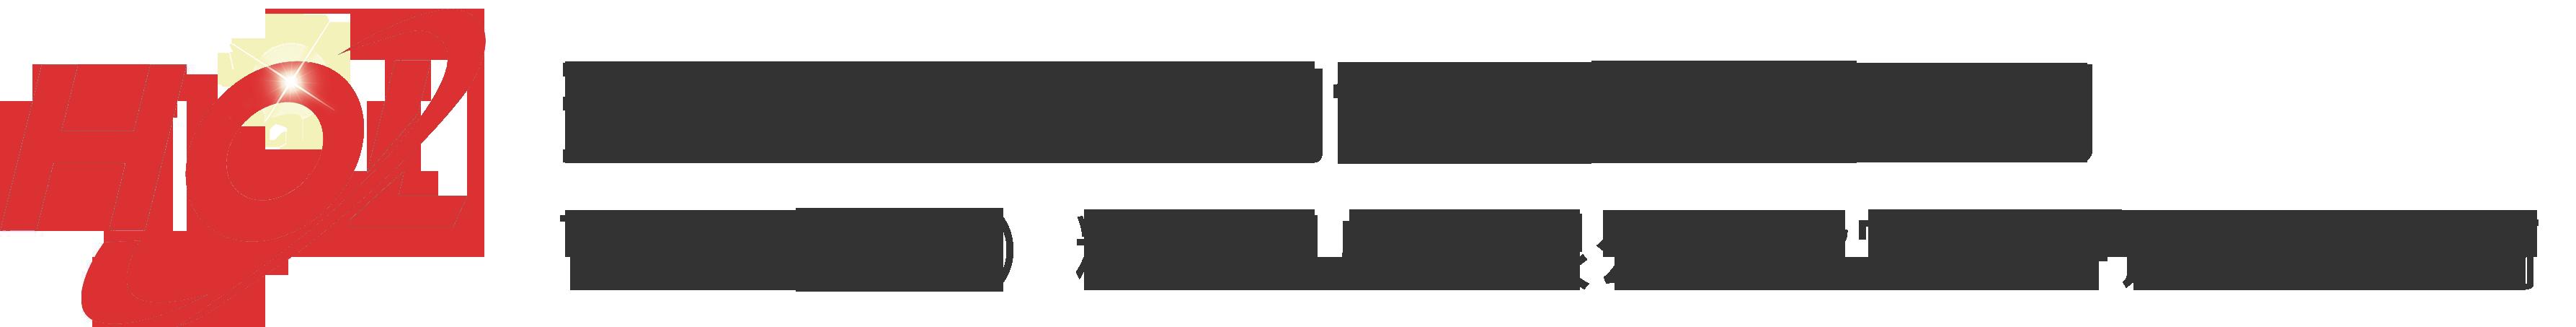 激光維修保養廠家logo